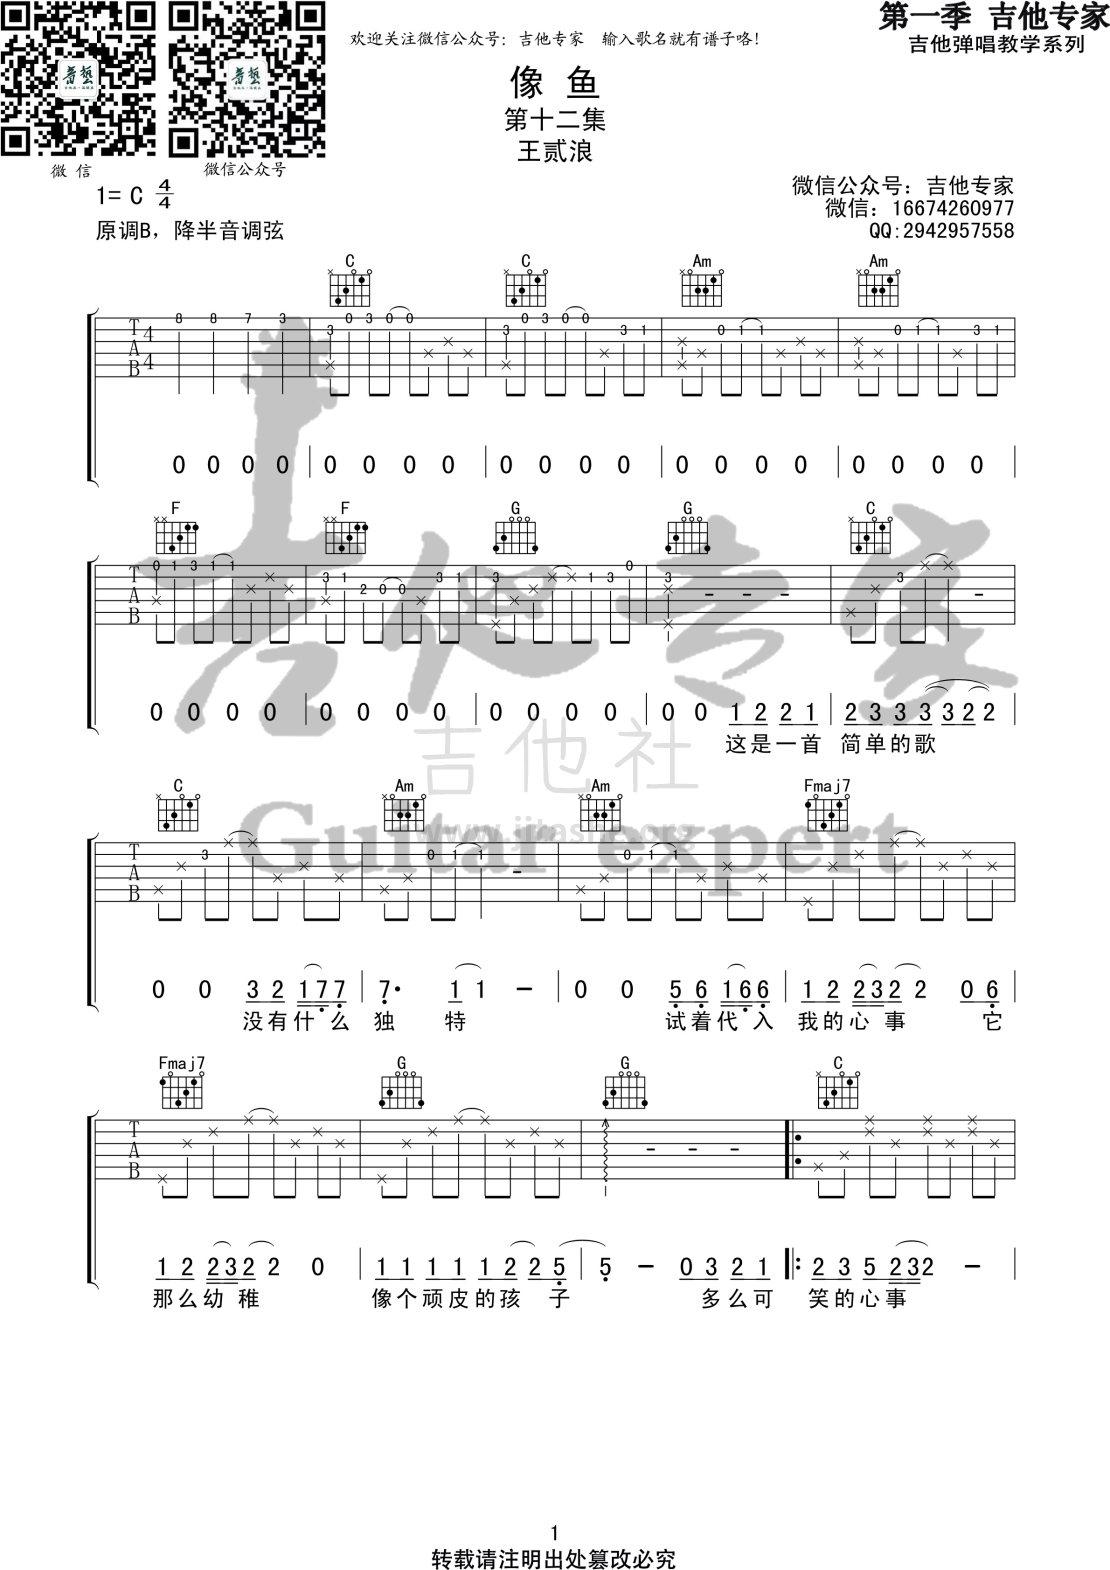 像鱼(音艺吉他专家弹唱教学:第一季第12集)吉他谱(图片谱,弹唱,伴奏,教程)_王贰浪_像鱼1 第一季第十二集.jpg